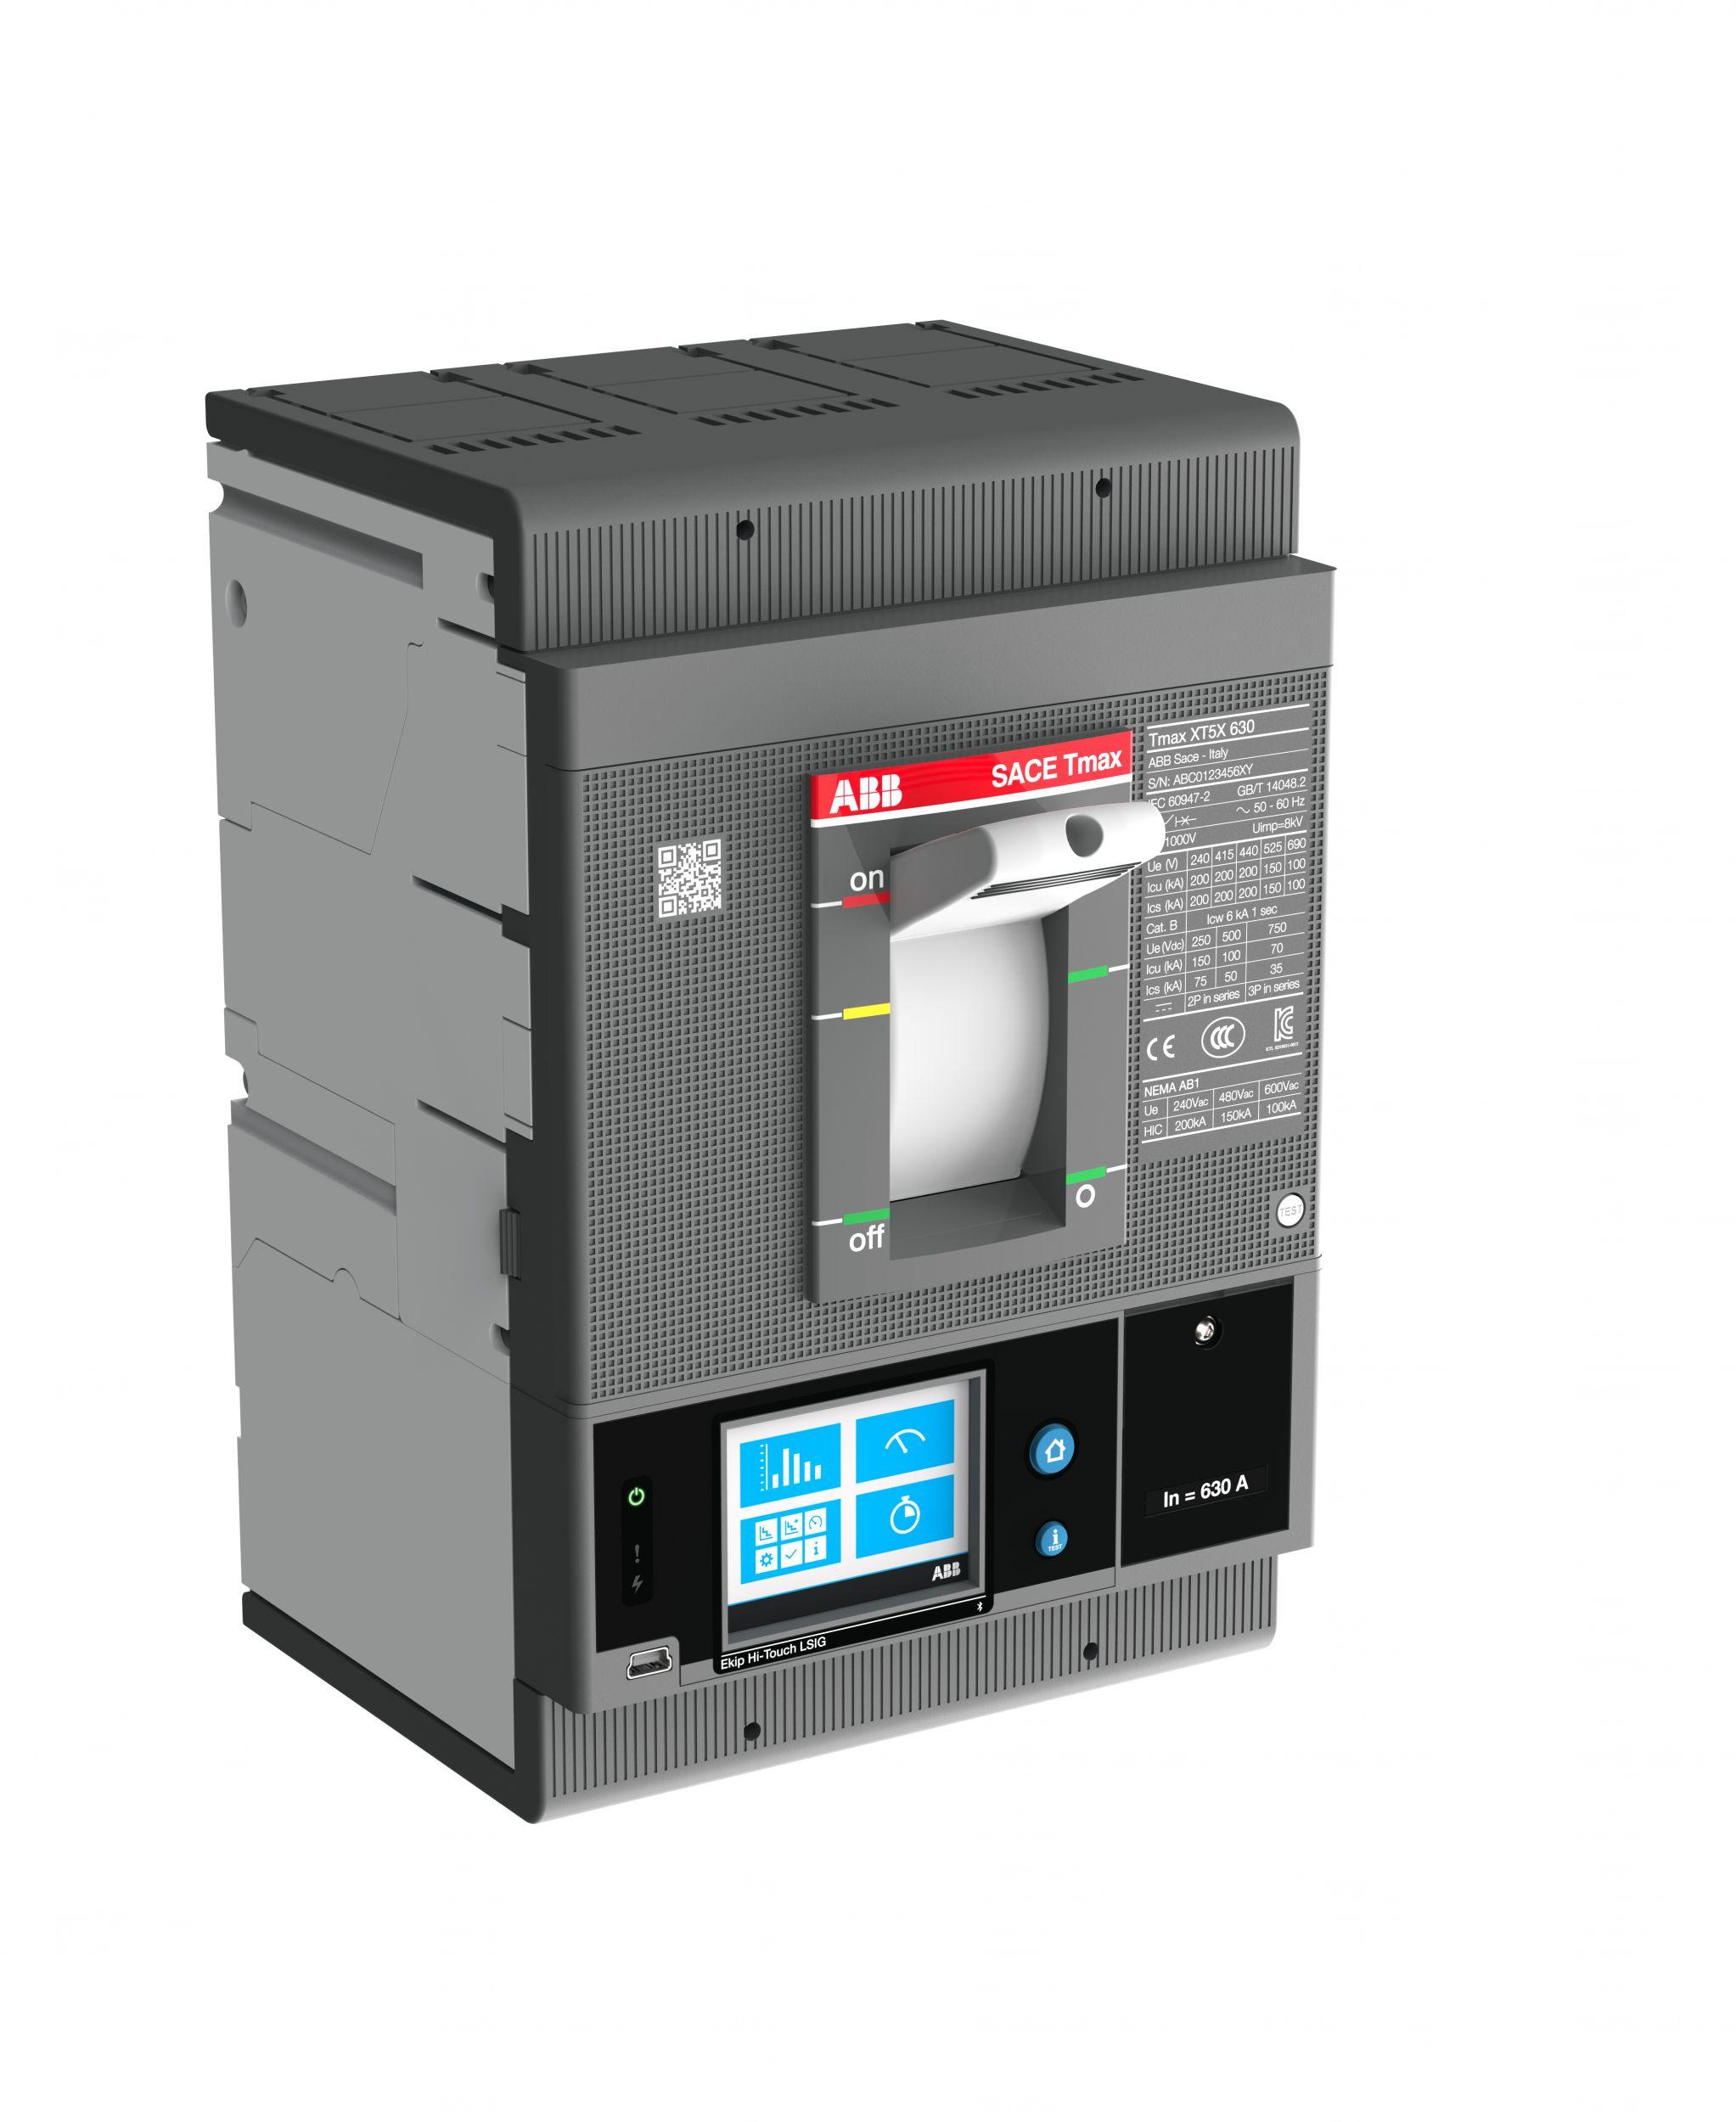 Die Leistungsschalter Tmax XT von ABB mit Ekip-Com-Architektur ermöglichen eine direkte Konnektivität des Internet der Dinge (IoT) für die gesamte Bandbreite von 40 bis 6.300A. (Bild: ABB)